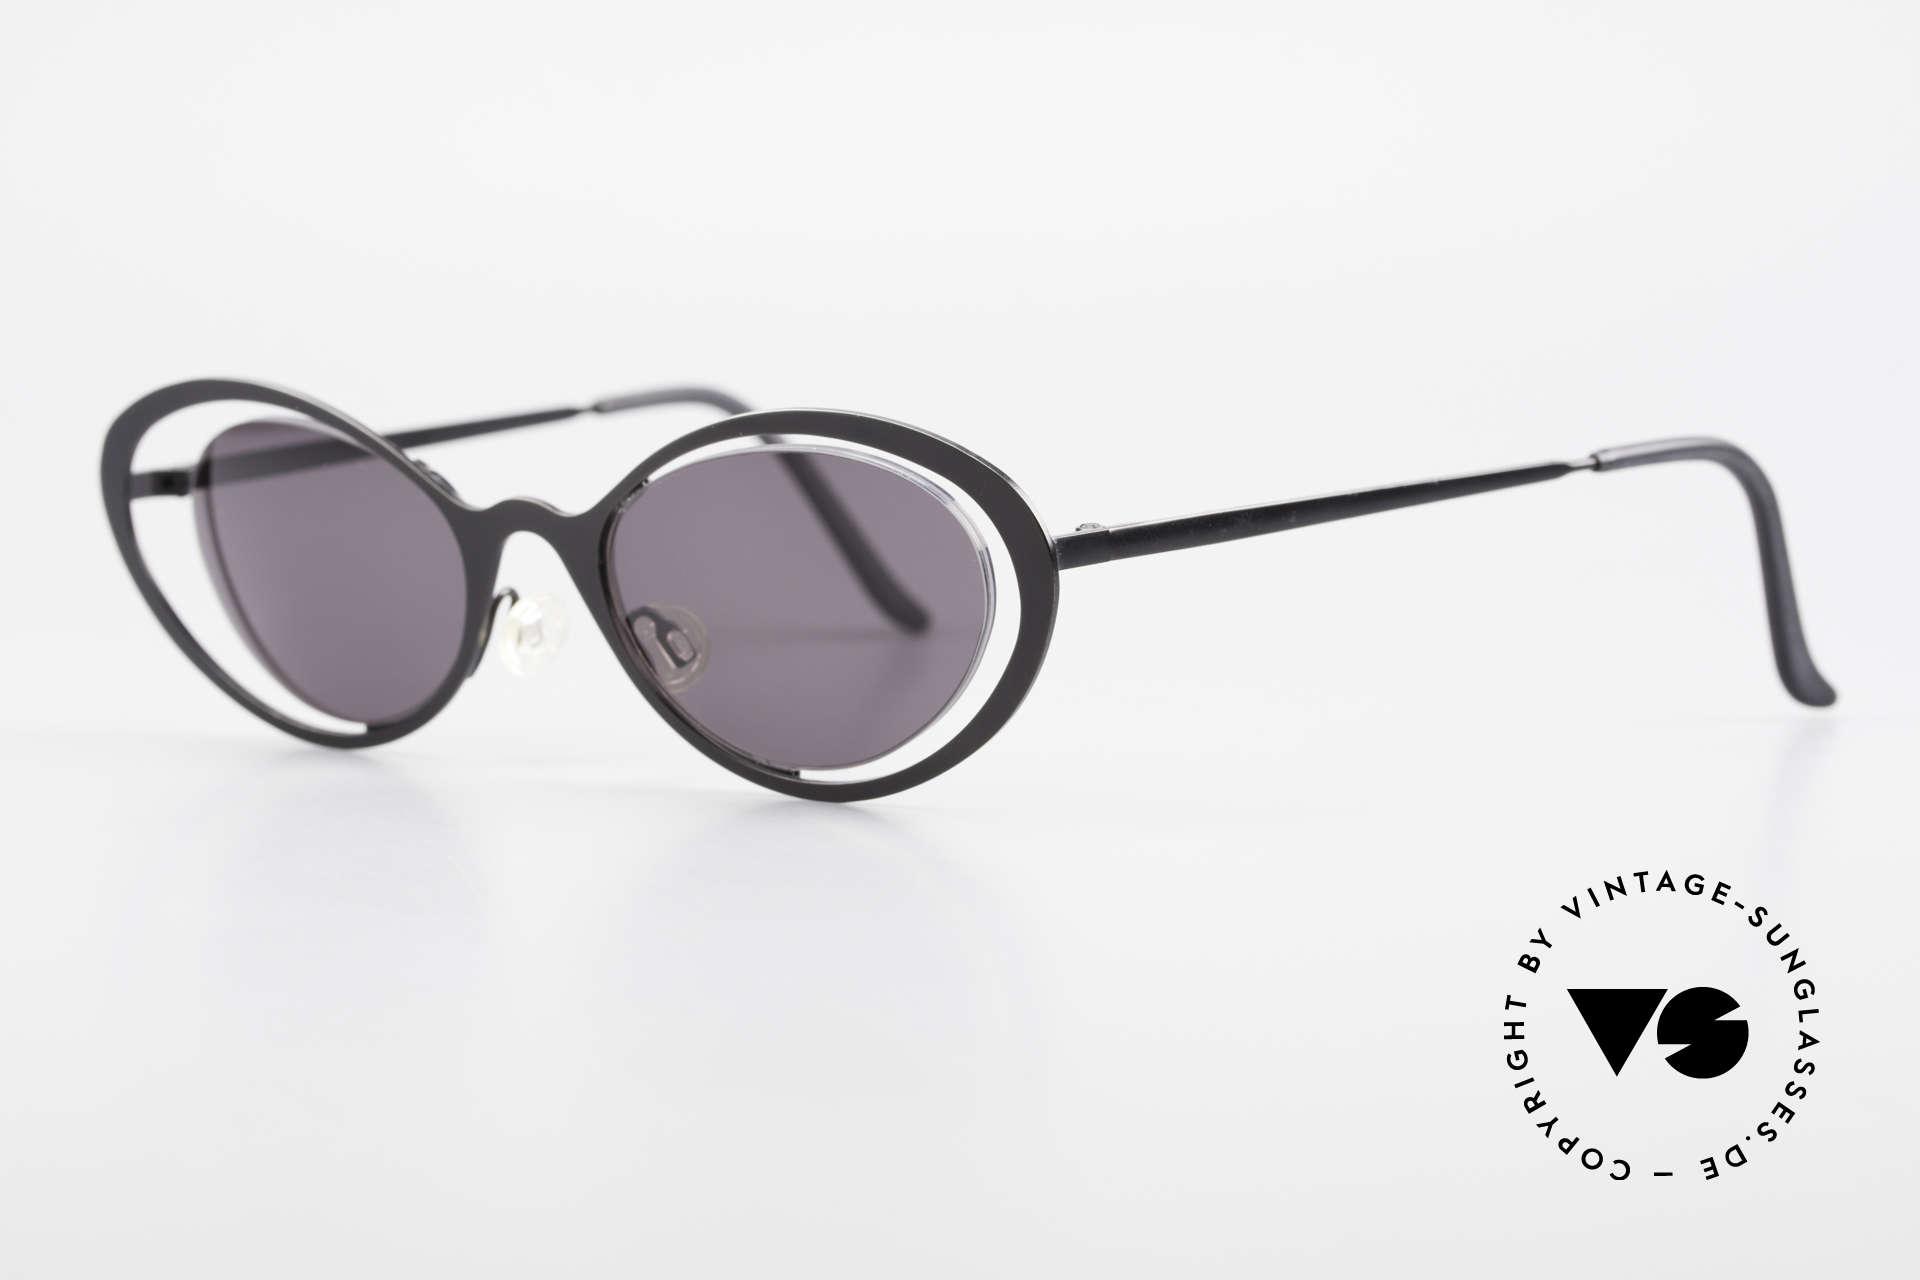 Theo Belgium LuLu Randlose Cateye Sonnenbrille, Gläser werden u.a. durch einen Nylor-Faden gehalten, Passend für Damen